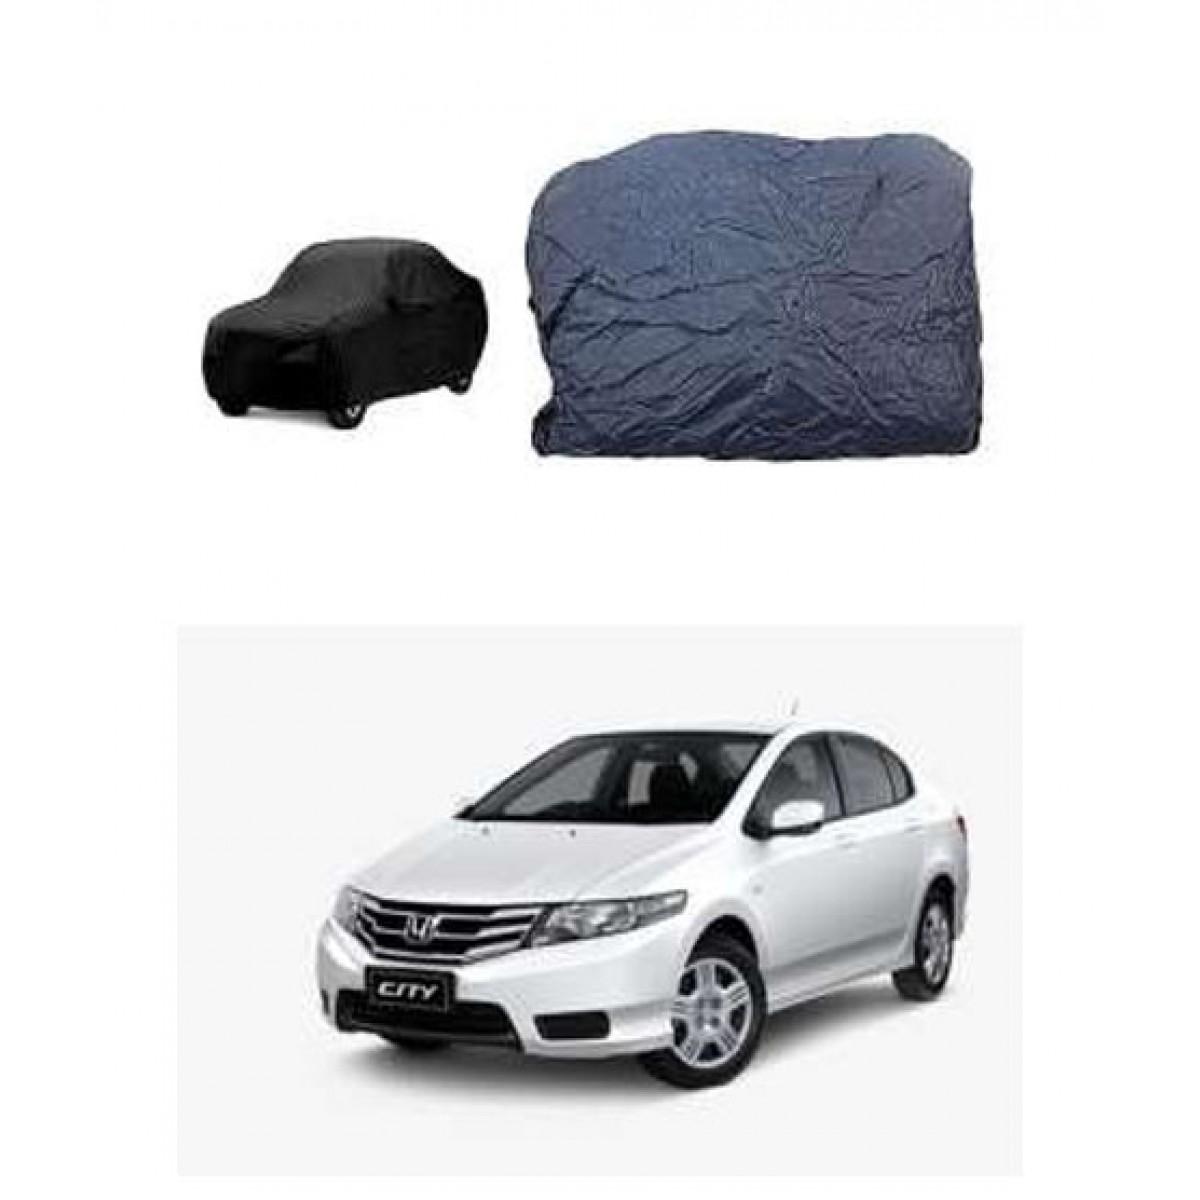 Honda-City-Car-Cover-2000-2018